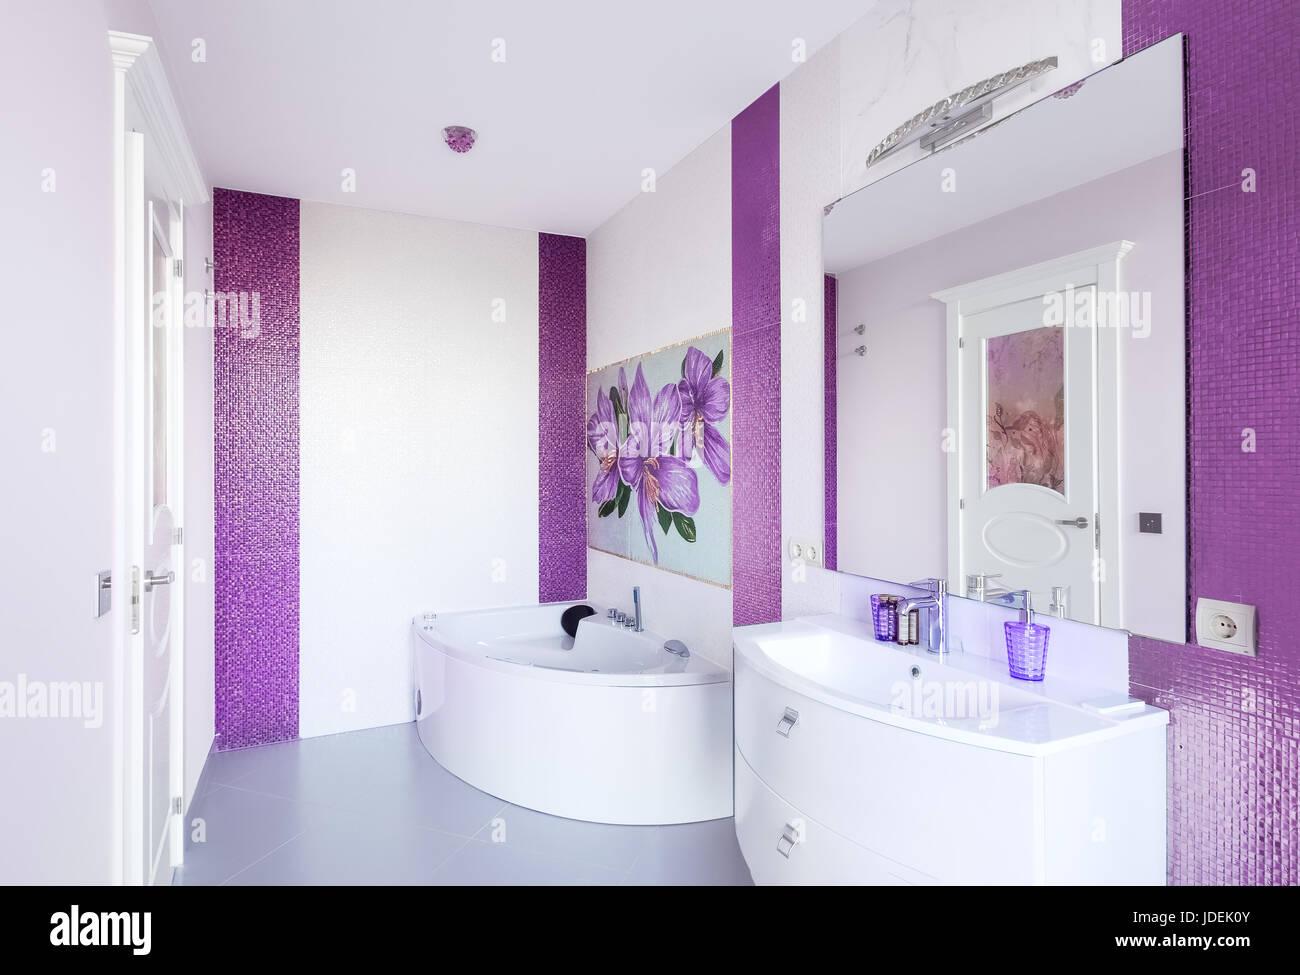 Moderno bagno interno con un pannello a mosaico vasca da bagno